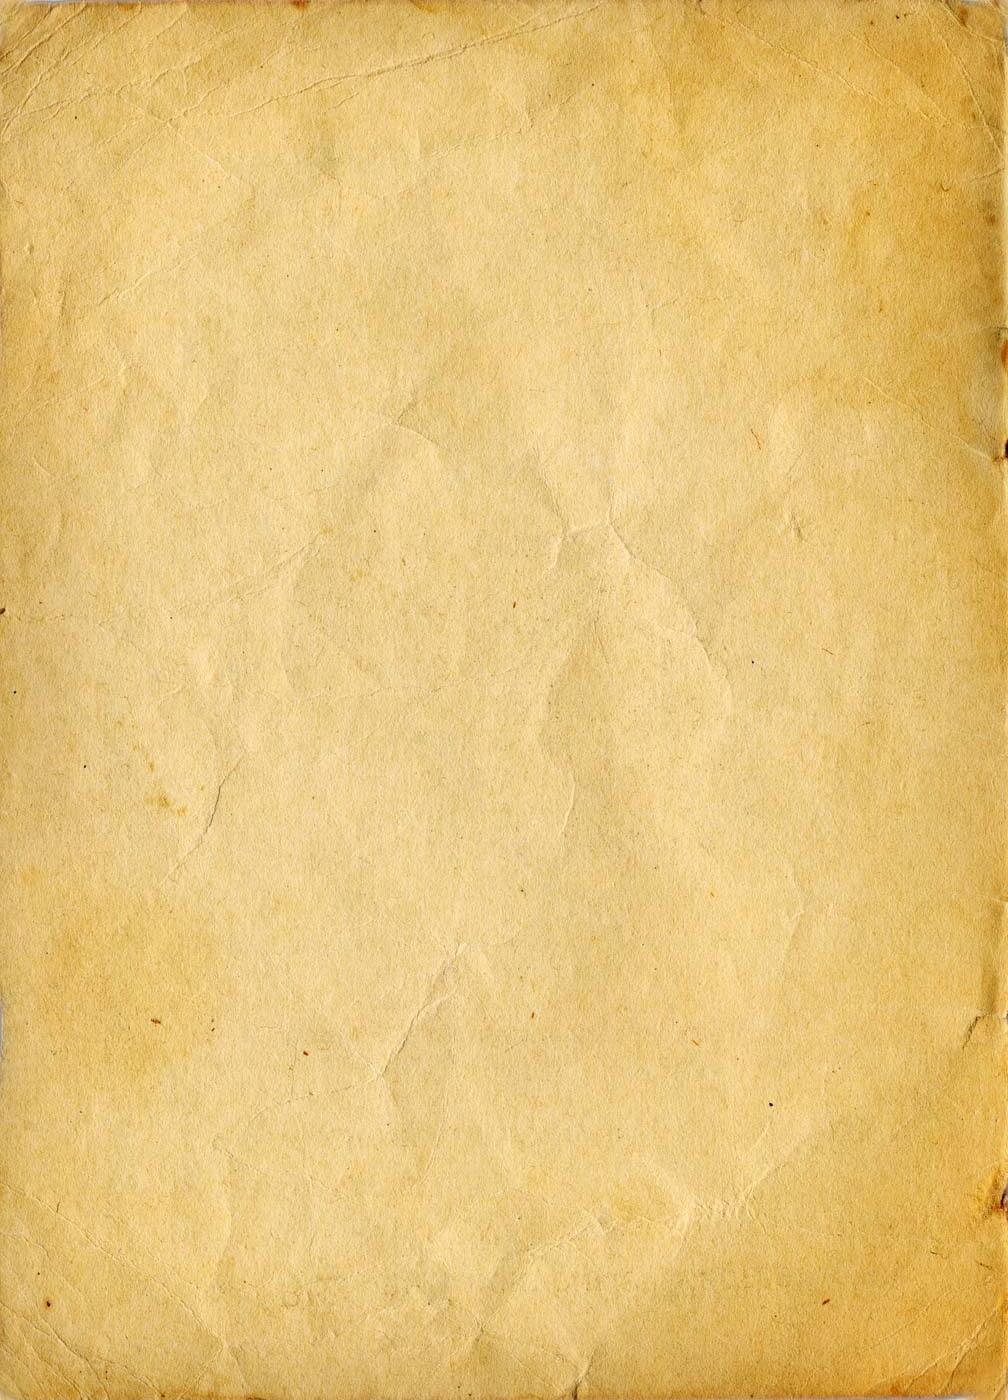 Pozadina01